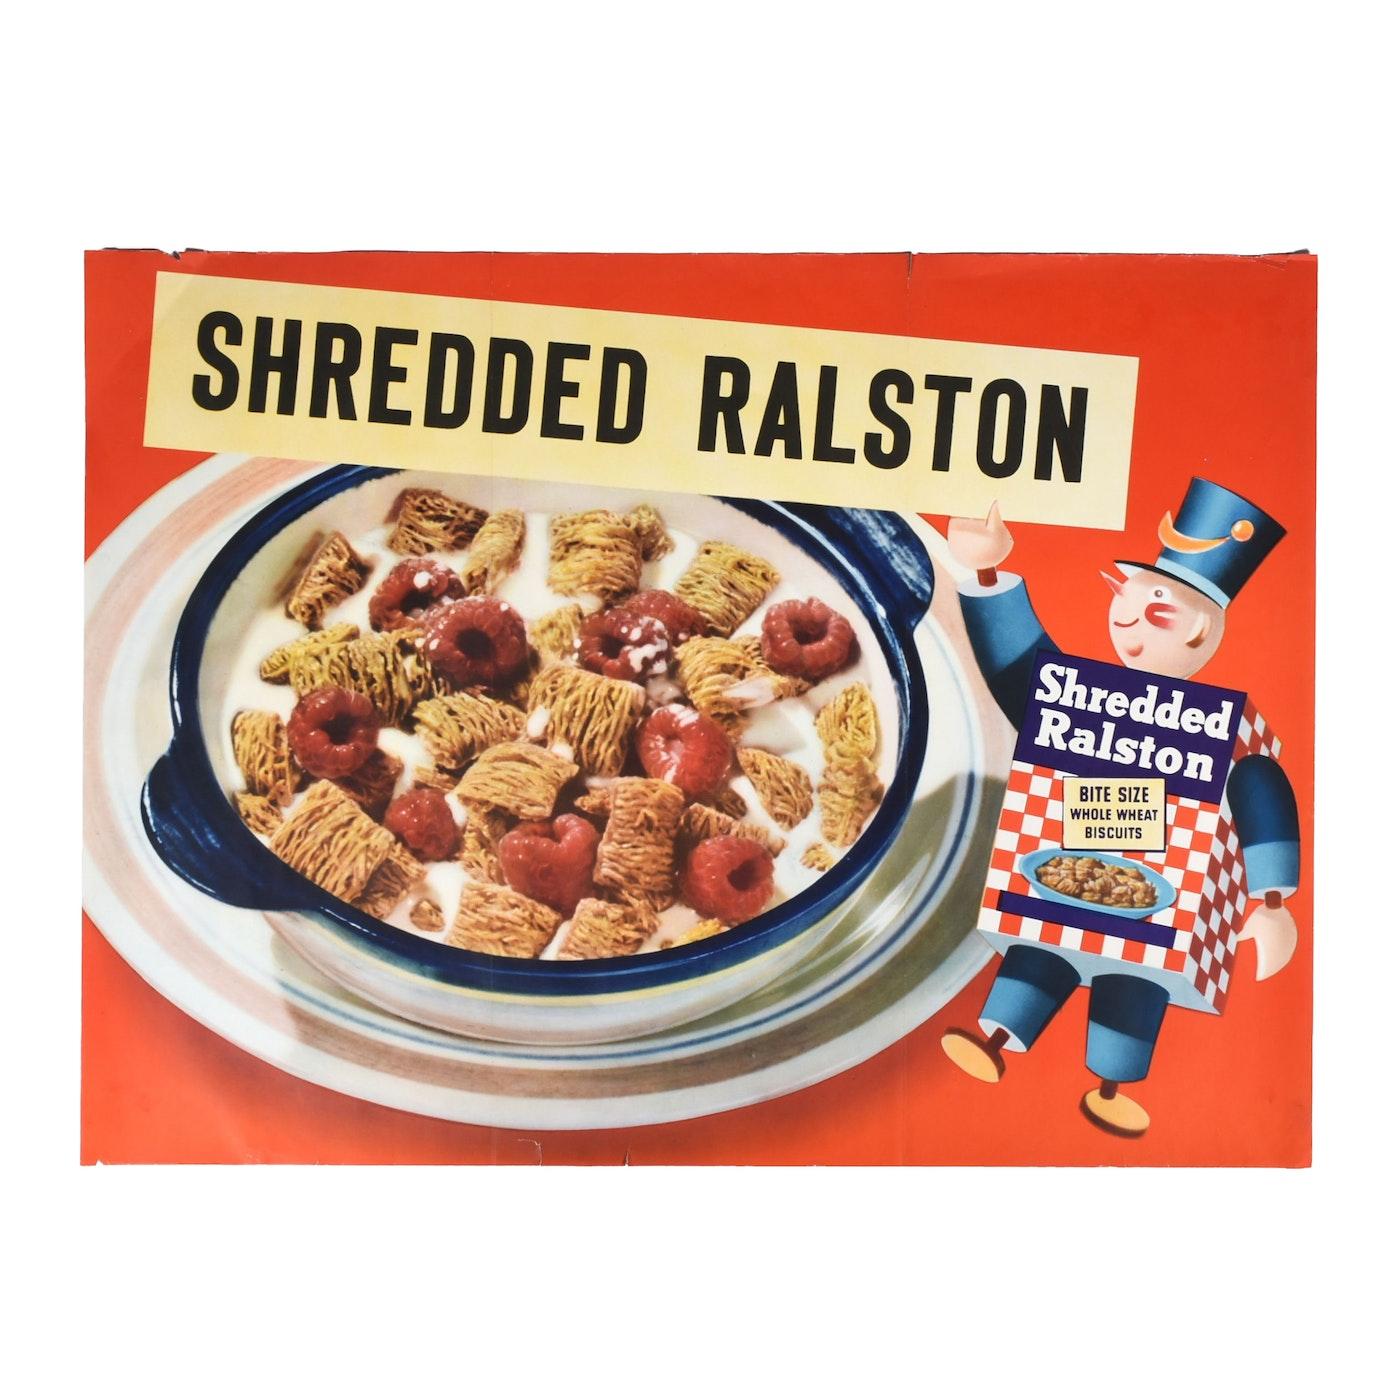 Vintage Shredded Ralston Cereal Poster